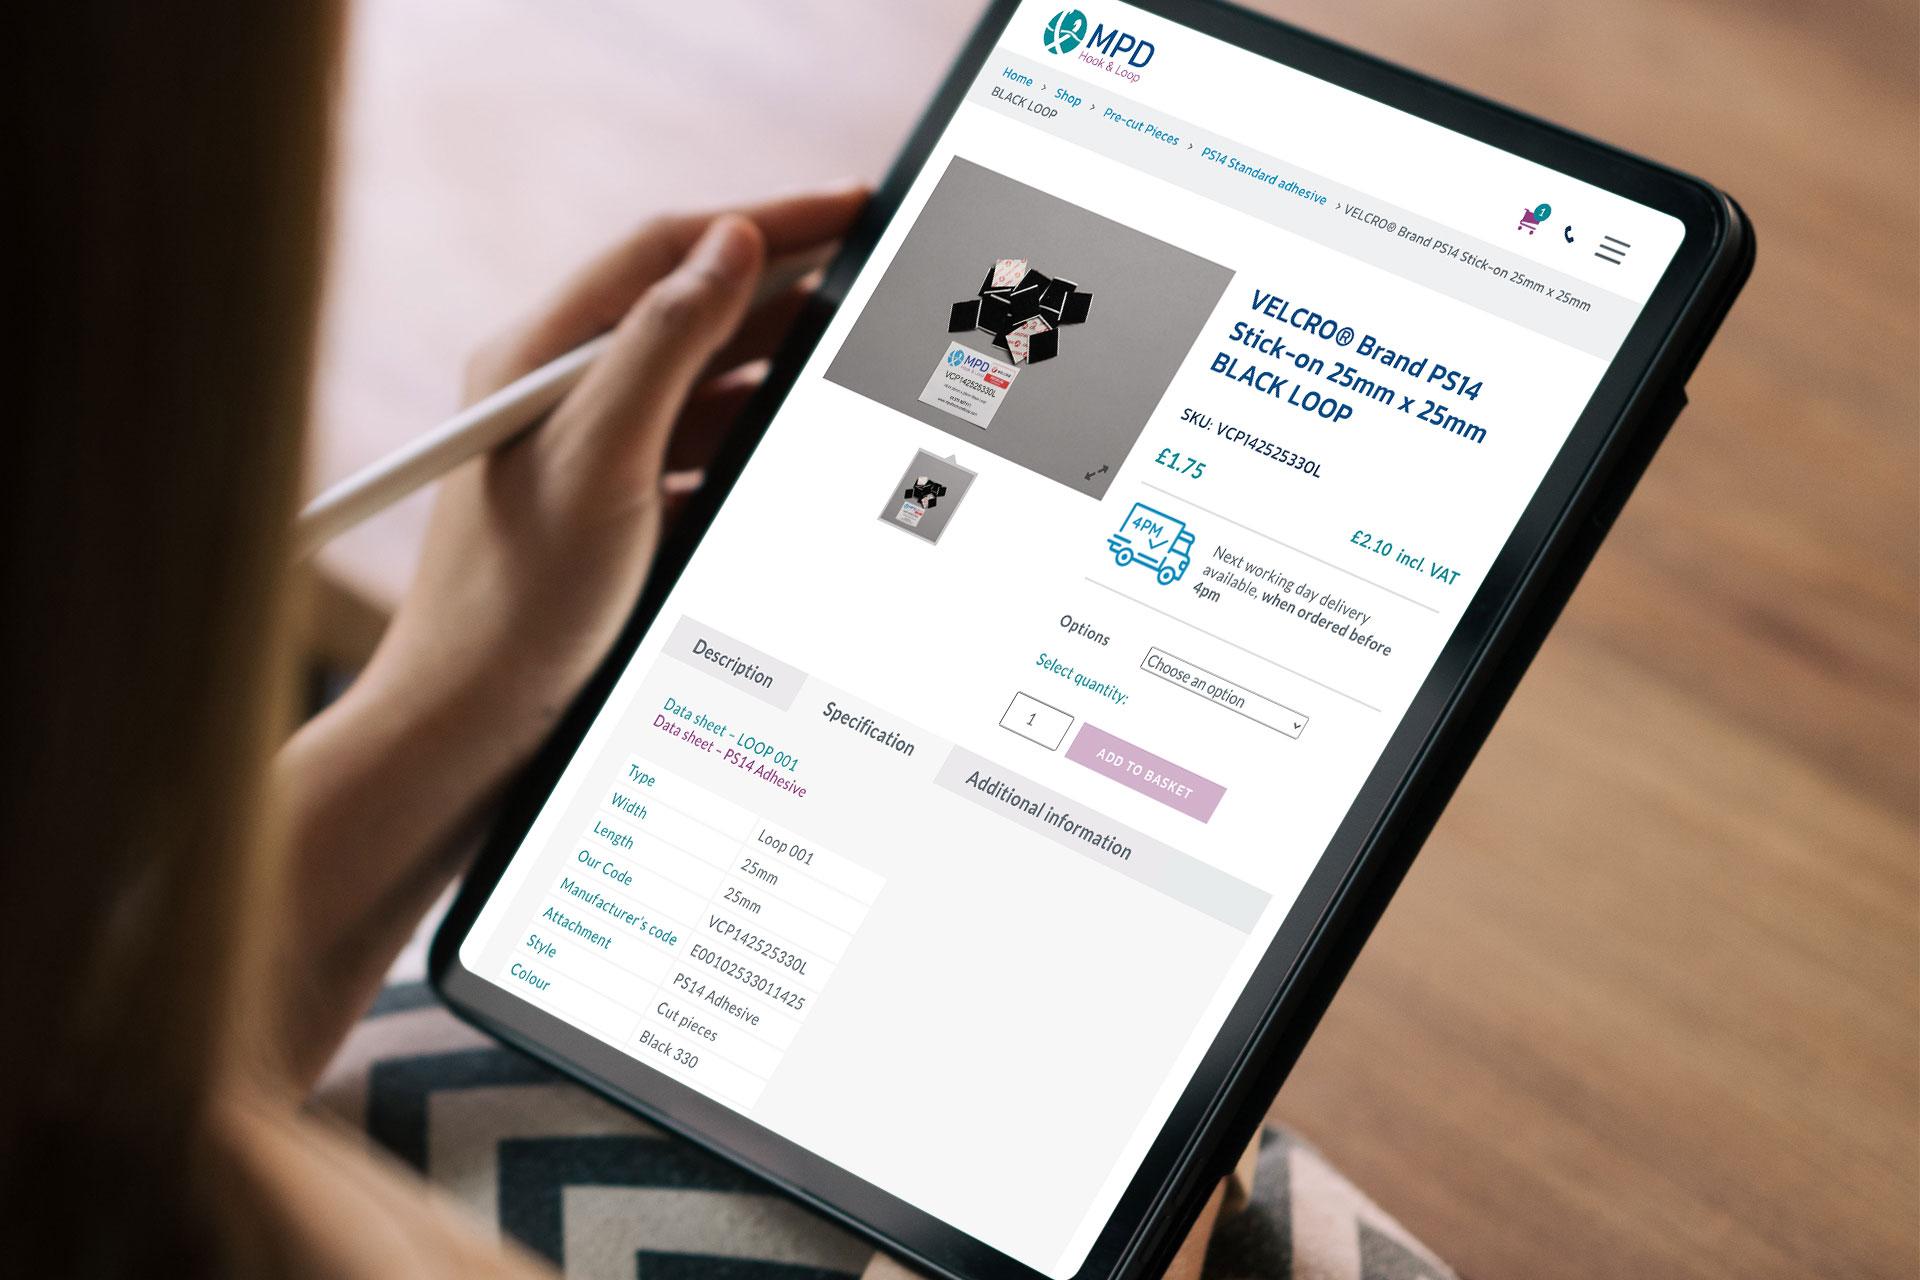 MPD website design